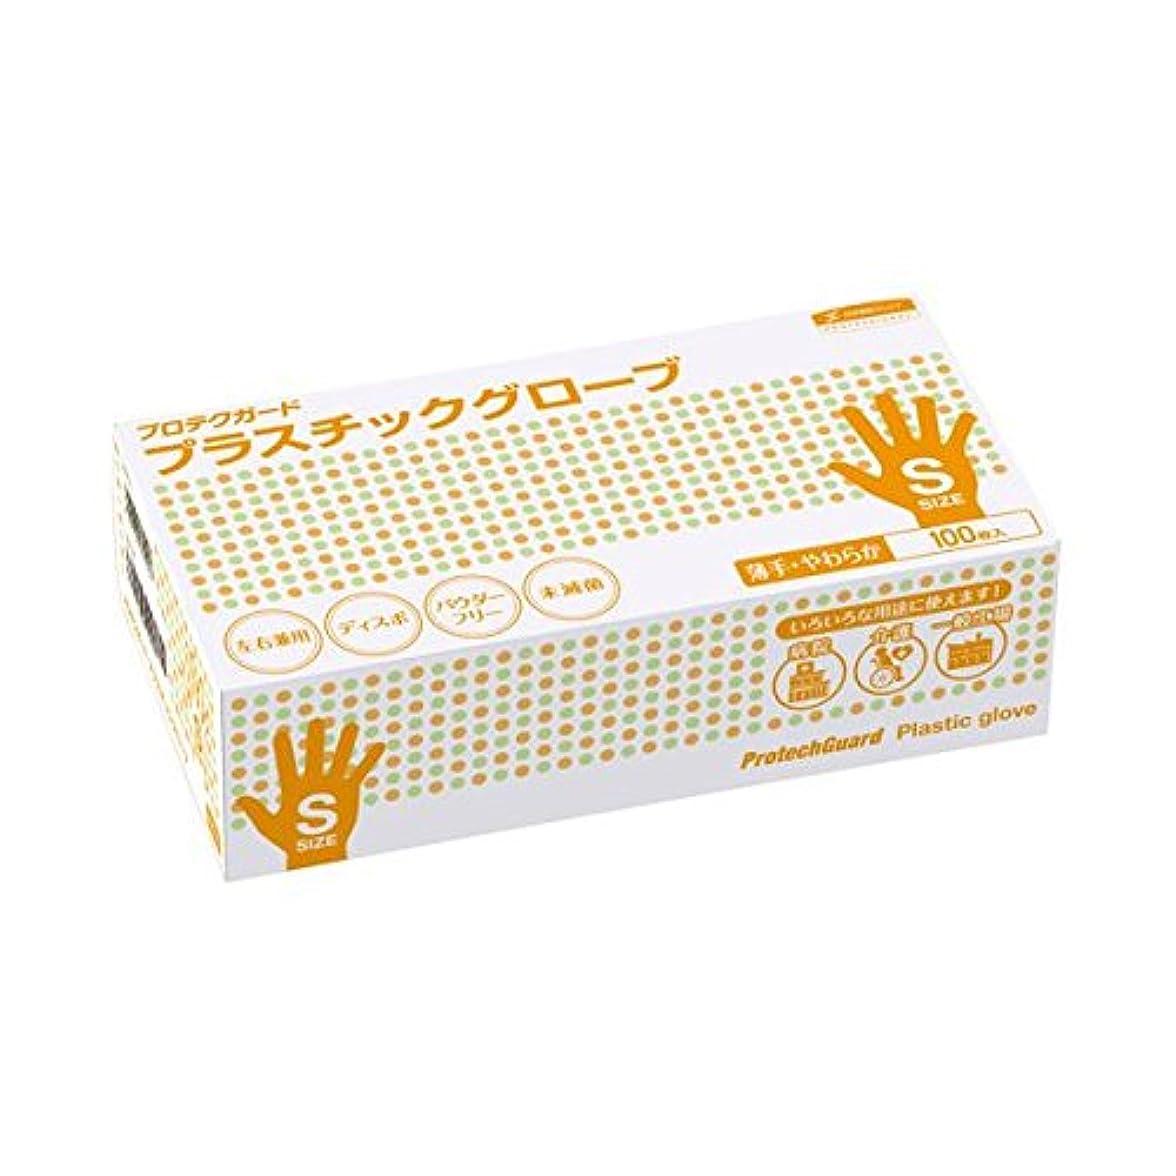 ヒロイン私のアダルト(業務用20セット) 日本製紙クレシア プロテクガード プラスチックグローブS